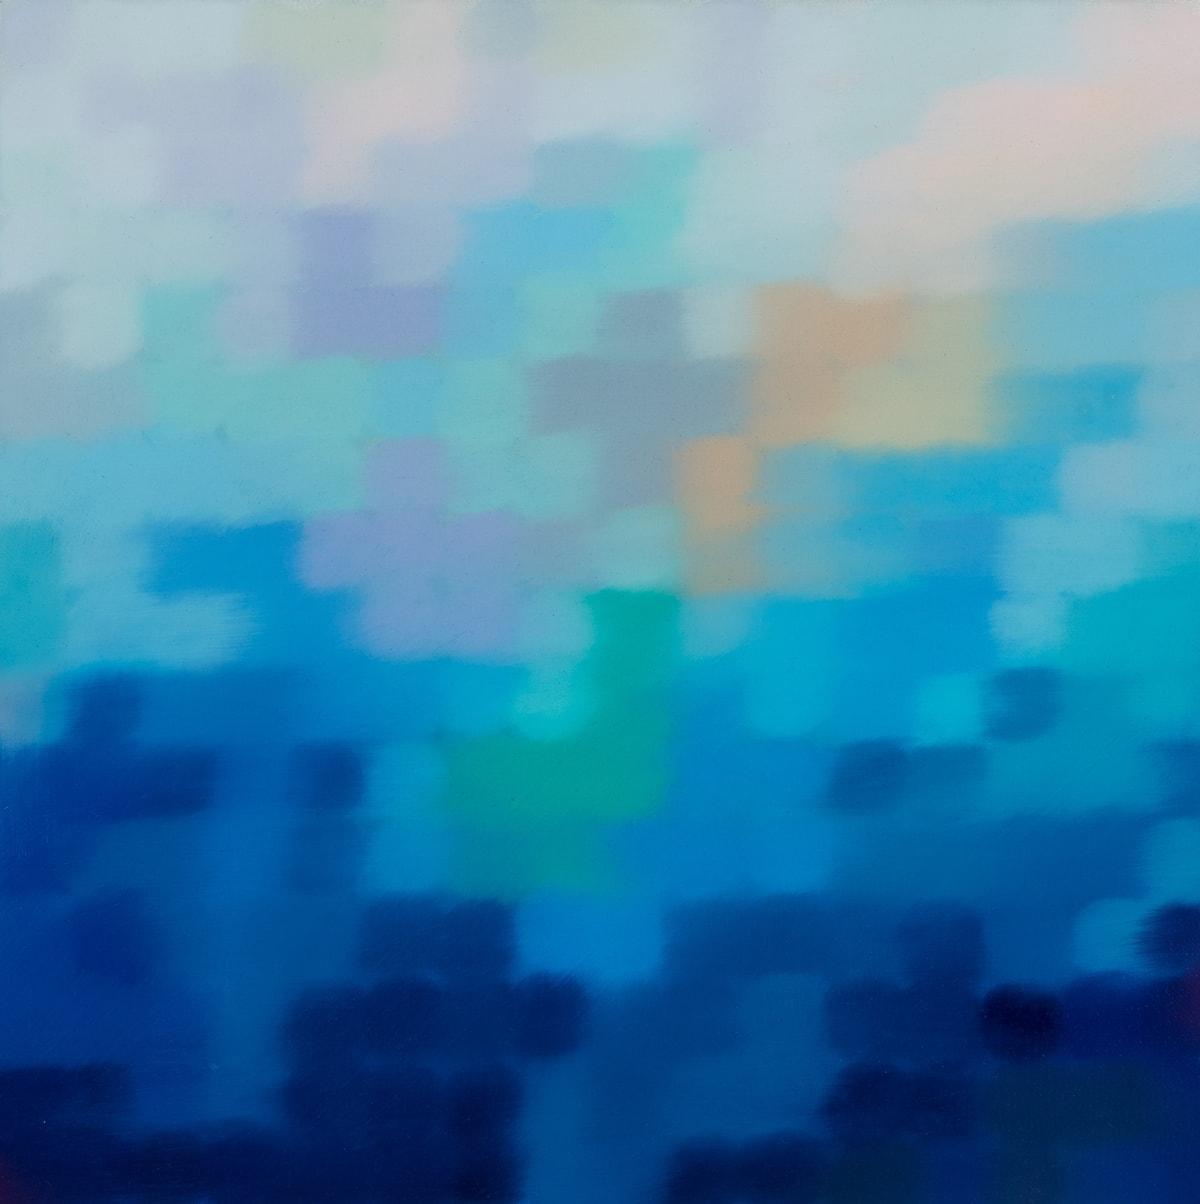 Matthew Johnson Ilum Marine I Oil paint on Linen 48 x 48 cm